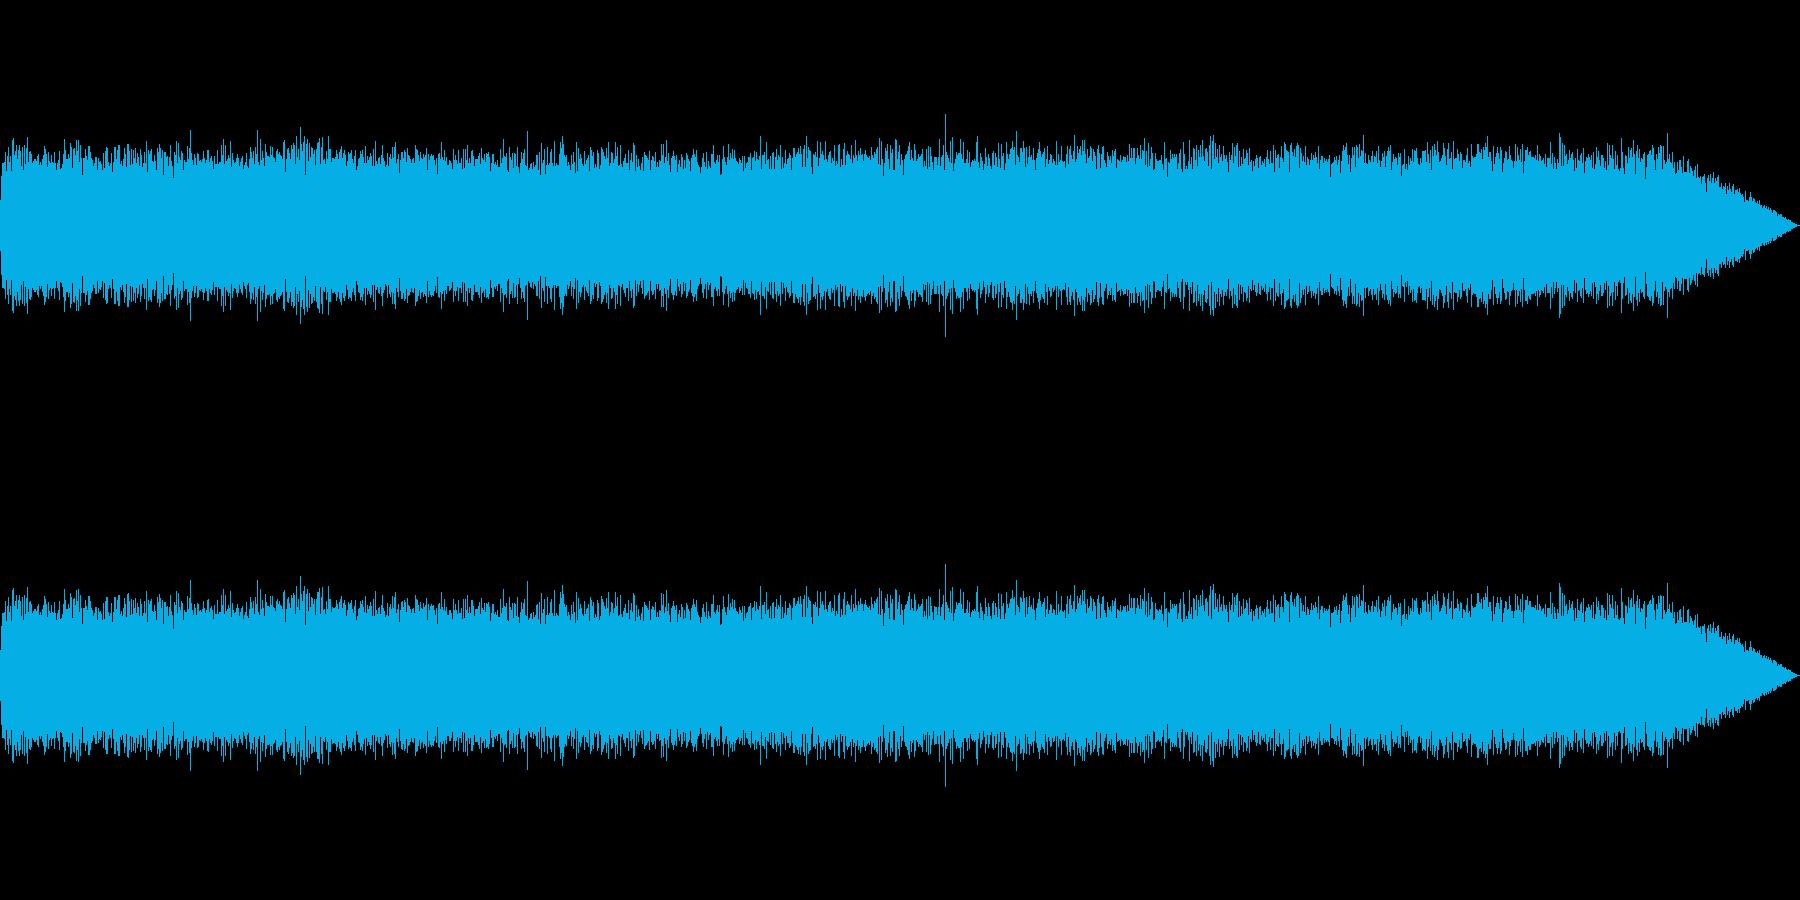 【生録音】ギターアンプノイズ01の再生済みの波形